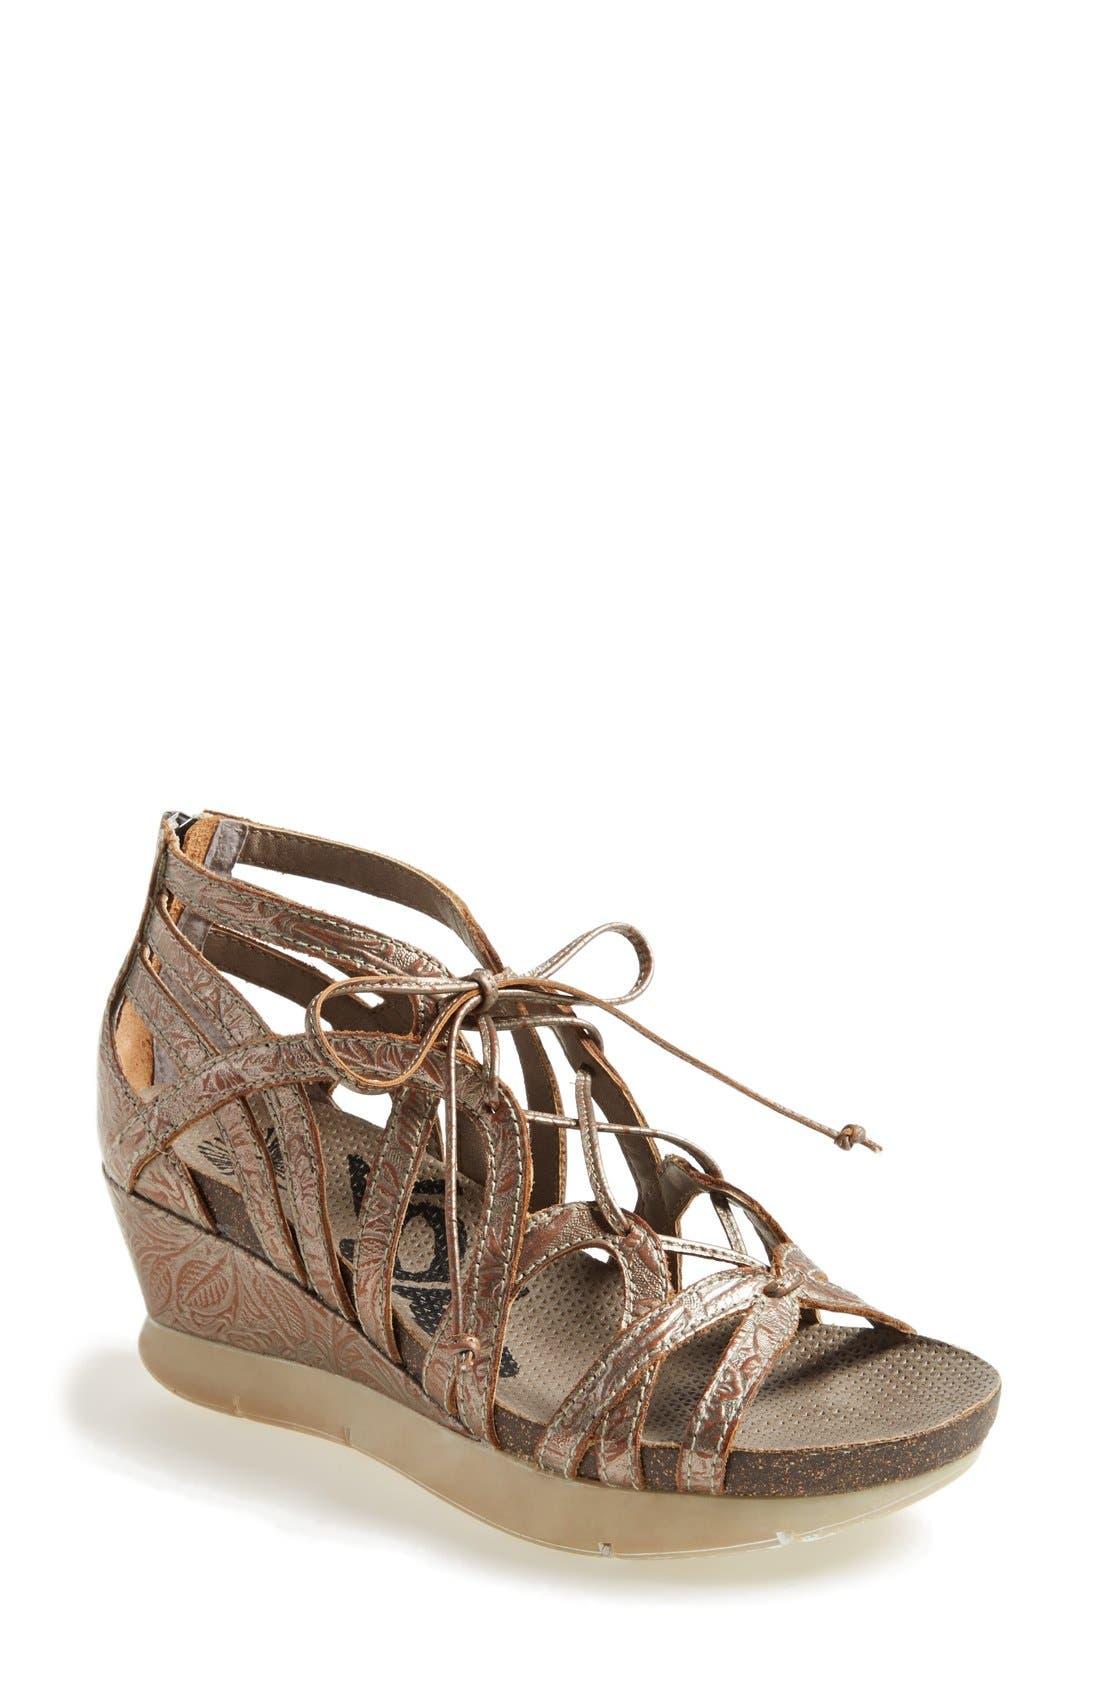 Main Image - OTBT 'Nomadic' Sandal (Women)